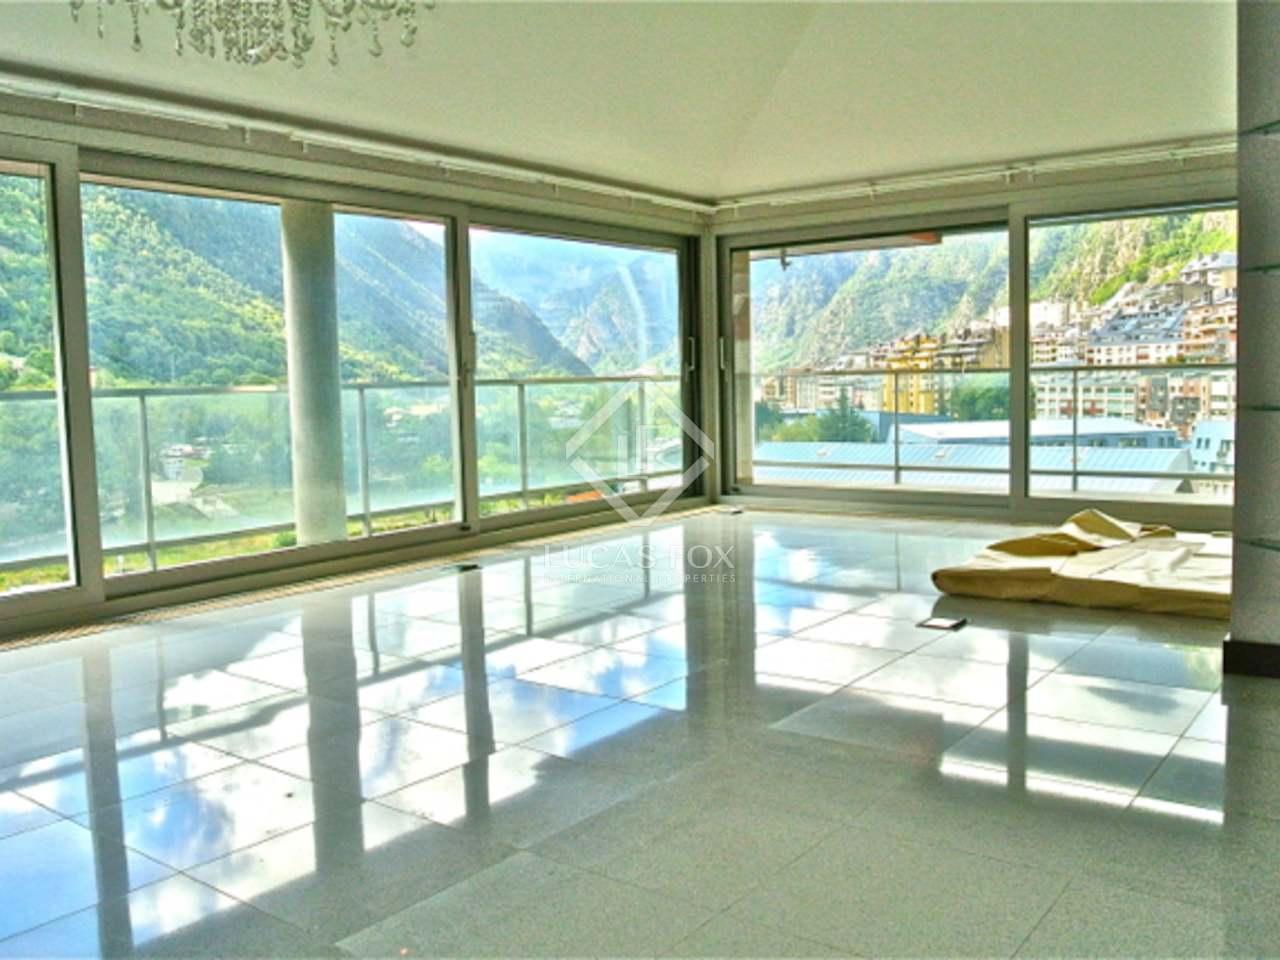 Penthouse en duplex en vente au centre d 39 andorre for Piscine andorre